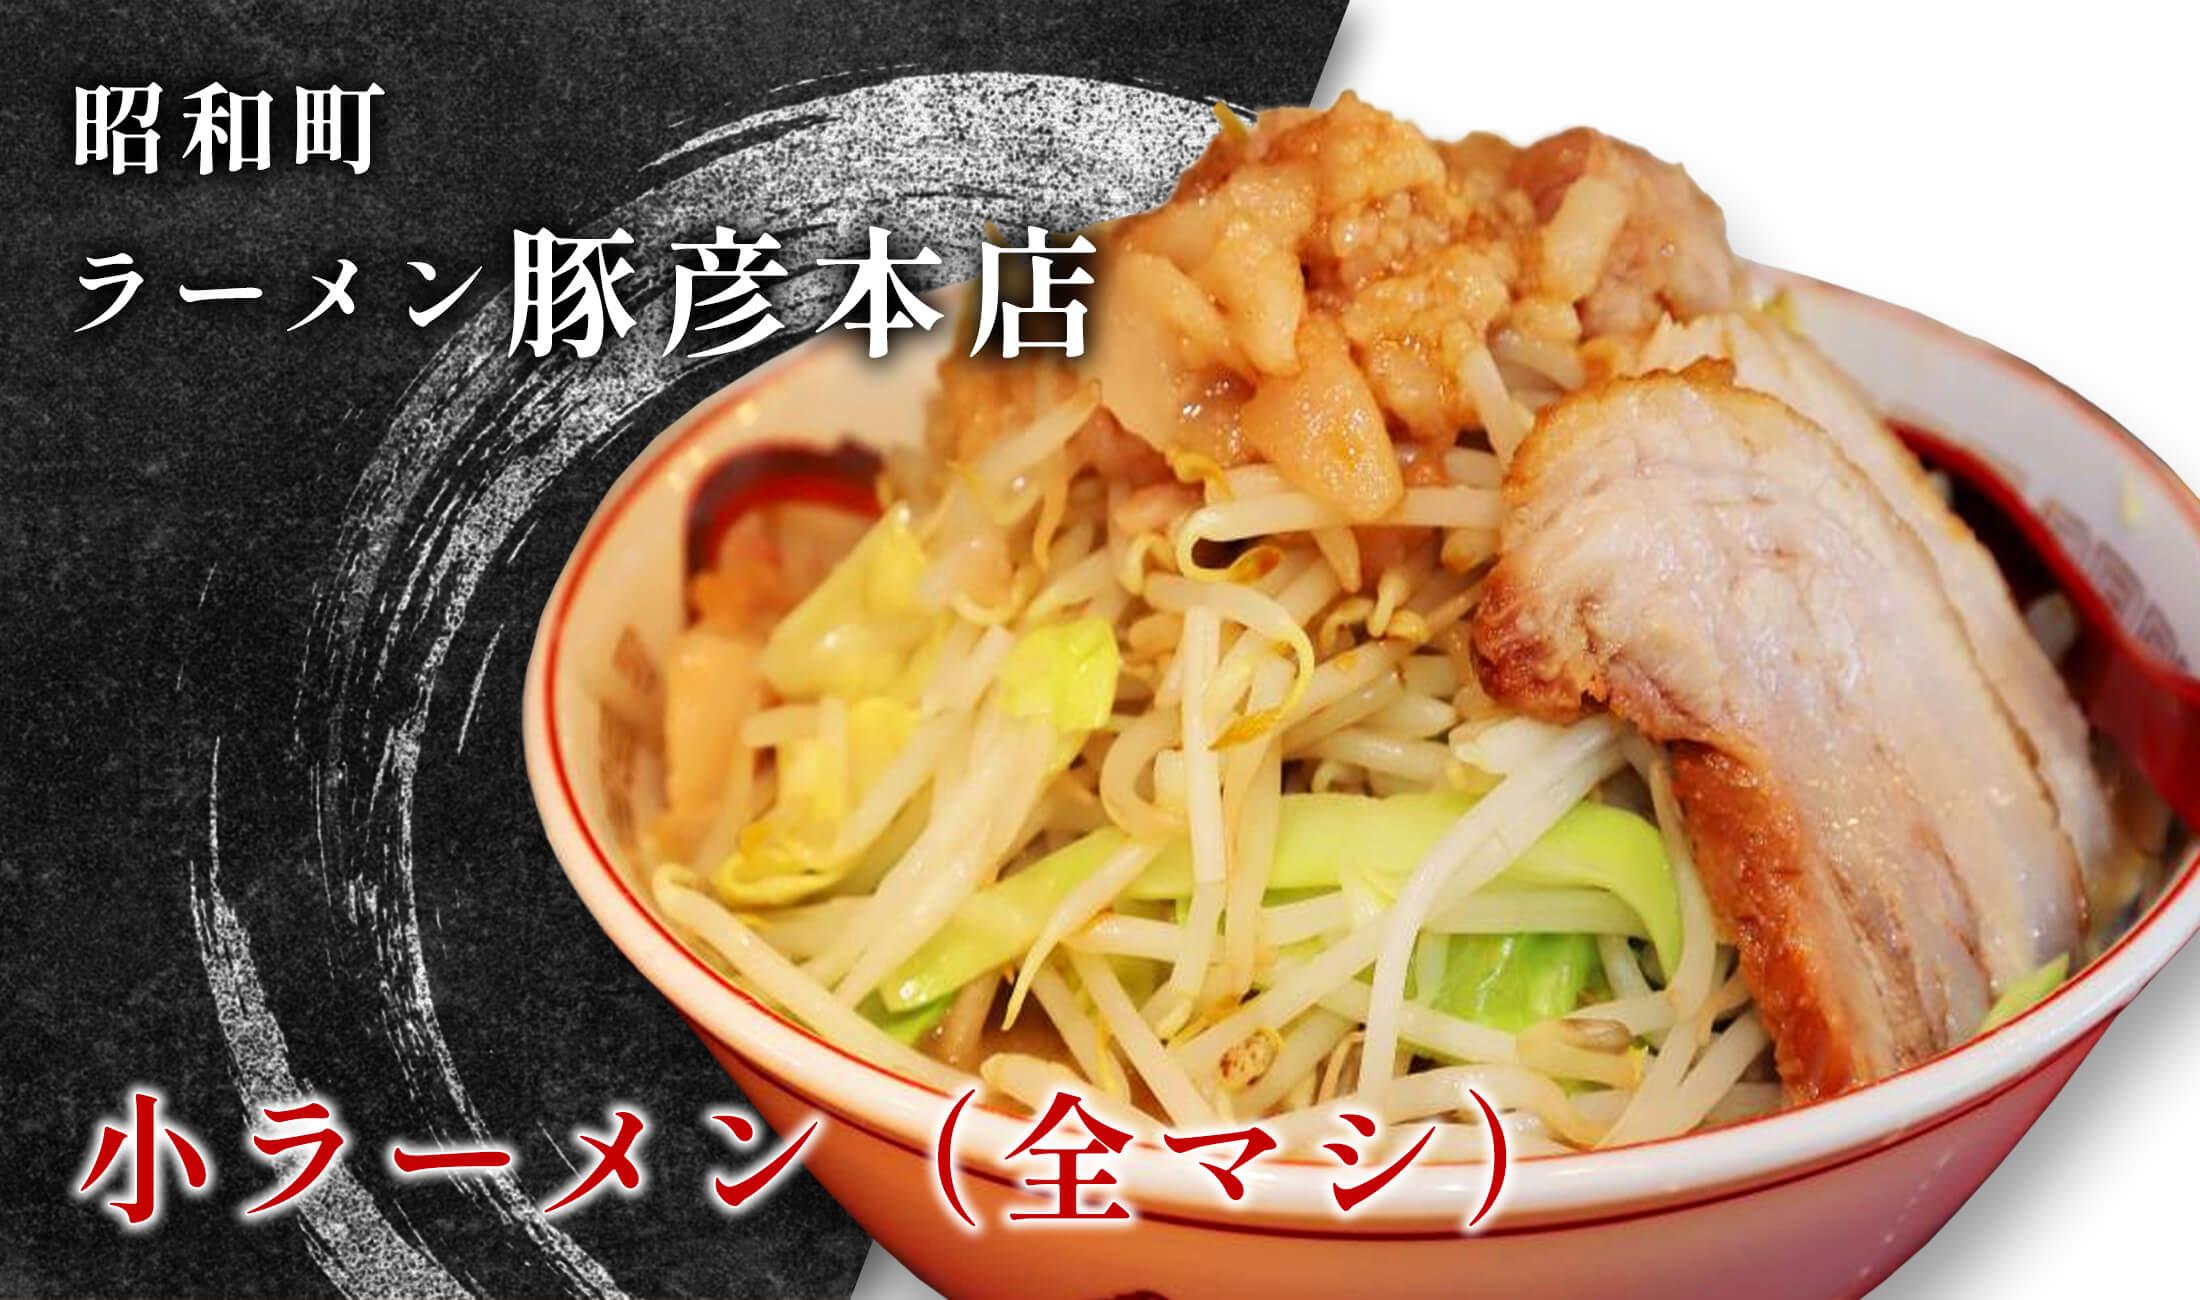 昭和町 ラーメン豚彦本店 小ラーメン(全マシ)